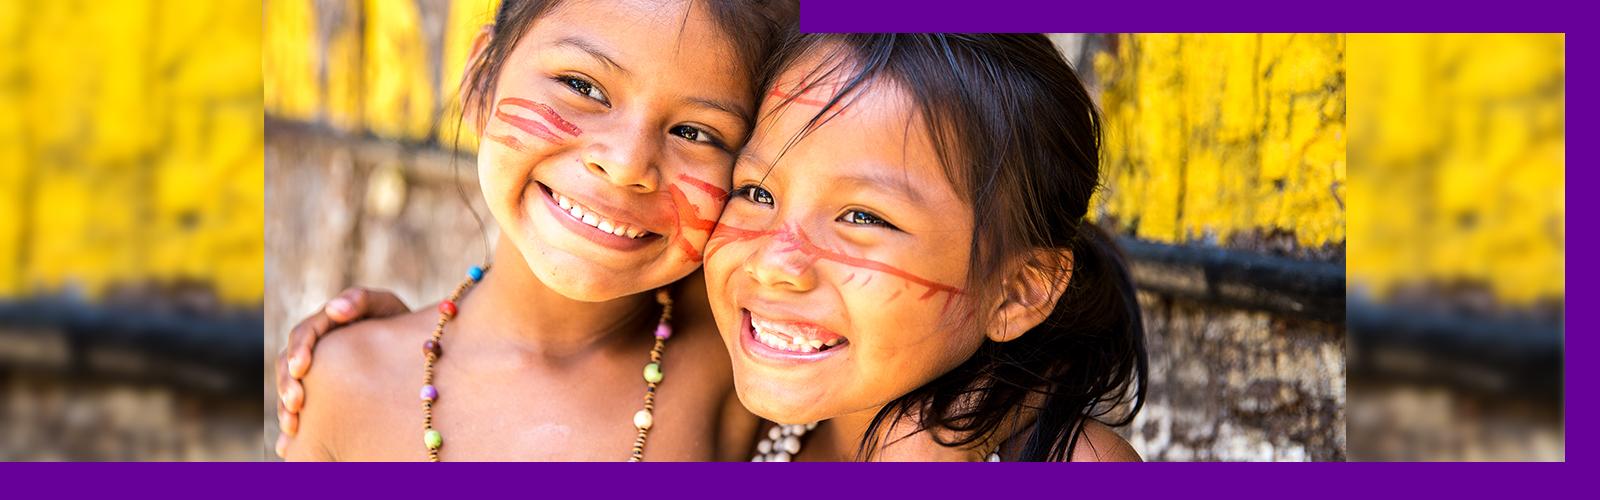 Imagem que ilustra pauta sobre literatura indígena mostra duas meninas abraçadas e sorrindo. Elas têm menos de 10 anos e trazem no rosto pinturas tradicionais de povos indígenas.